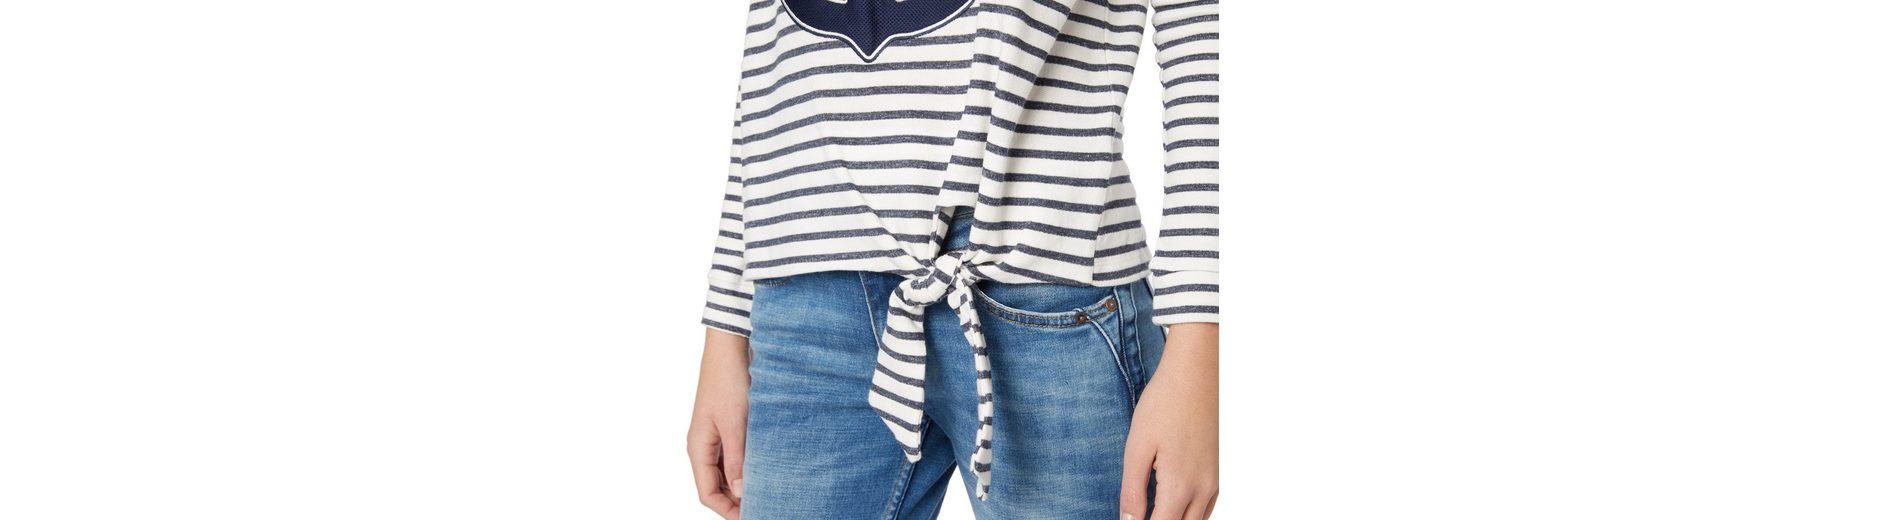 2018 Online Tom Tailor Denim Sweatshirt mit Knoten-Detail Verkauf Bestseller Billig Zahlen Mit Paypal Rabatt Neuesten Kollektionen Günstig Online Kaufen dP0olvCC